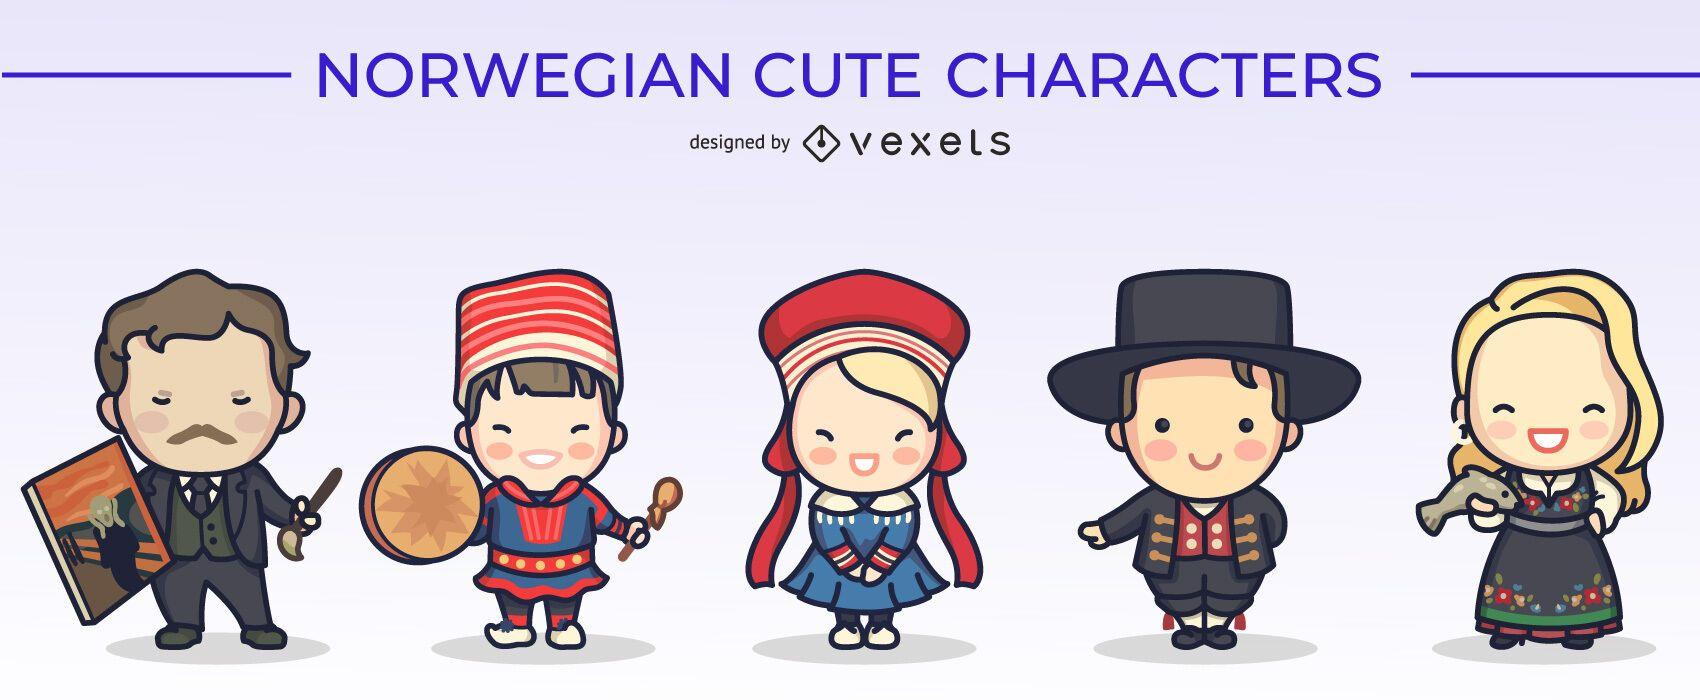 Norwegian Cute Character Design Pack